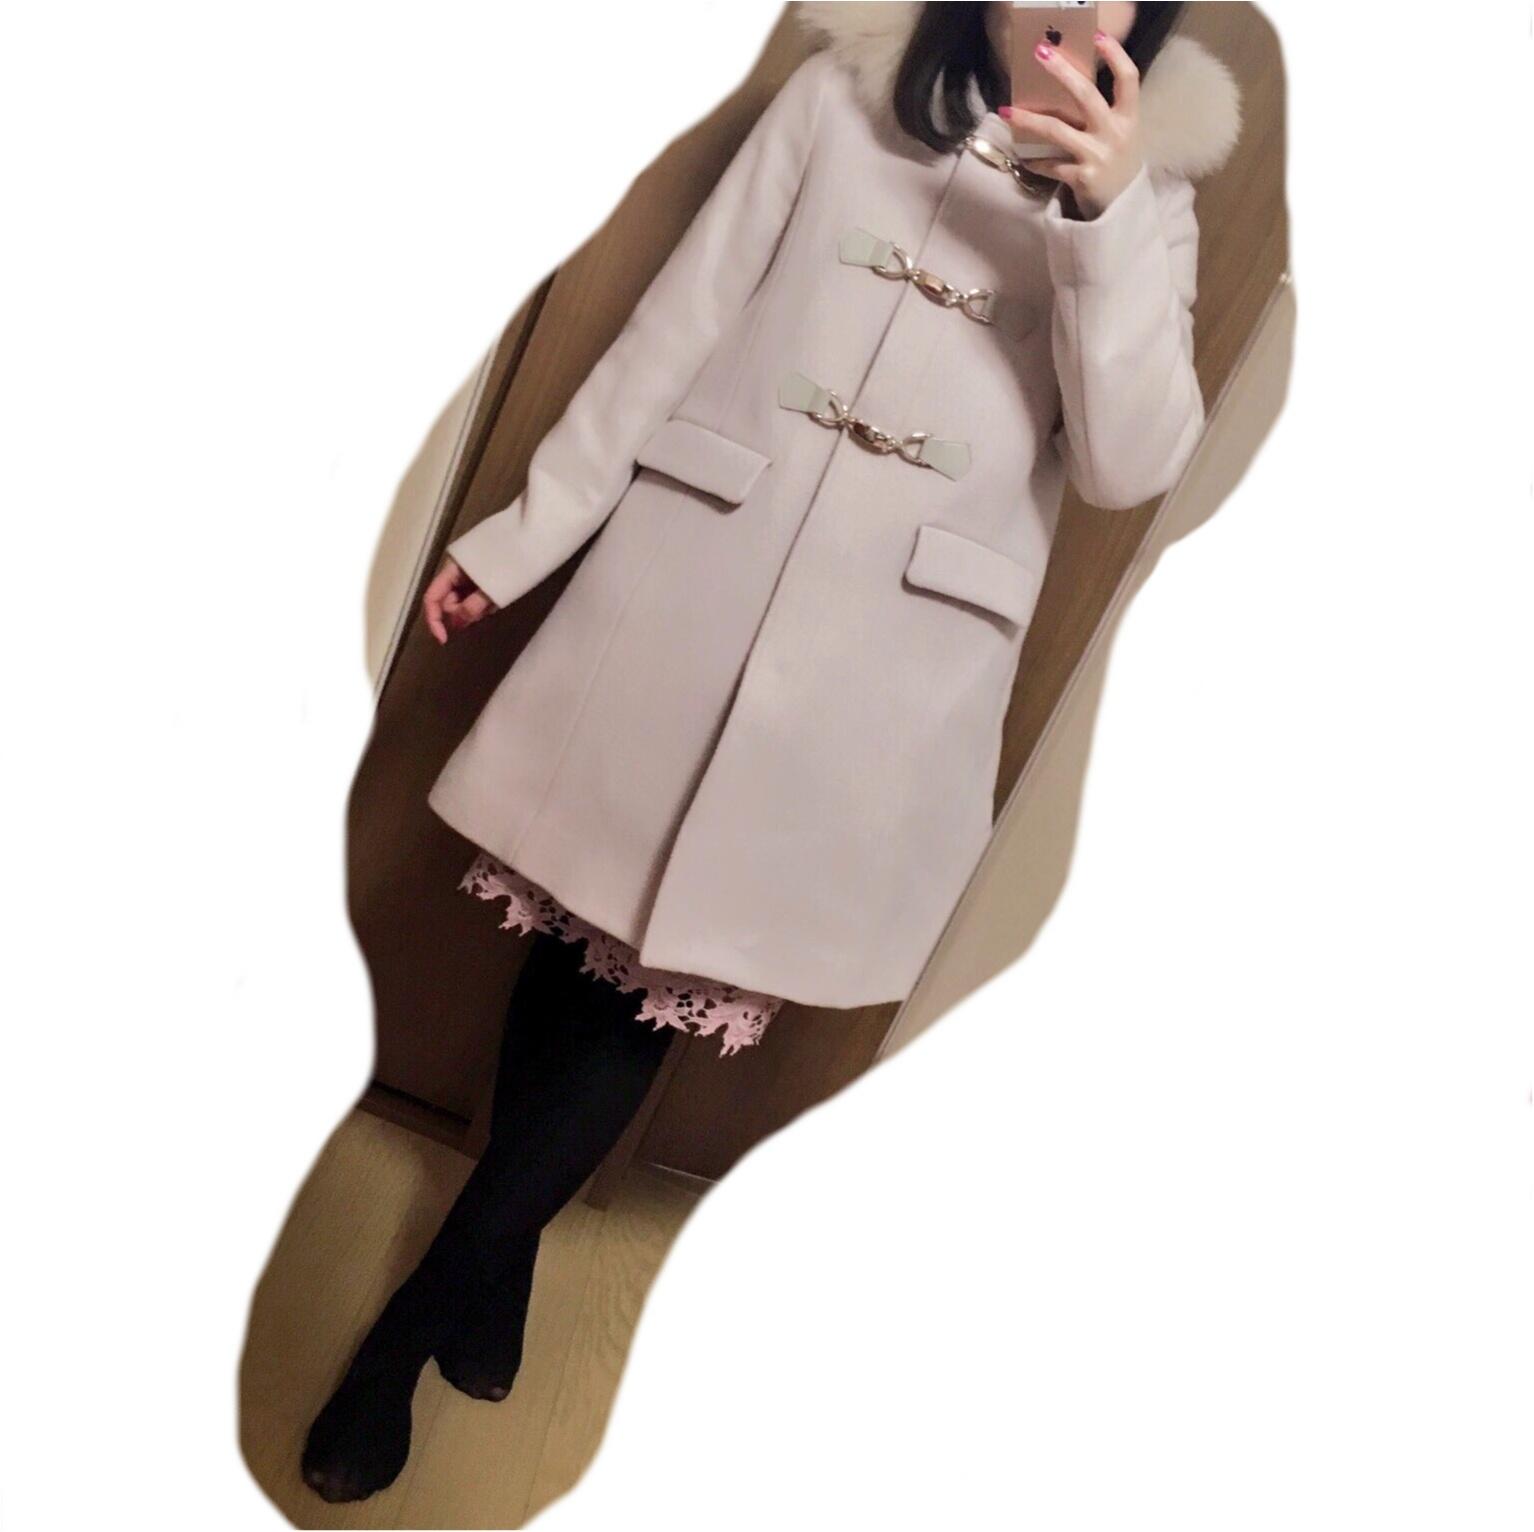 プランタン銀座が売りつくしセール中!今期完売した【幻のコート】をgetしました♡_2